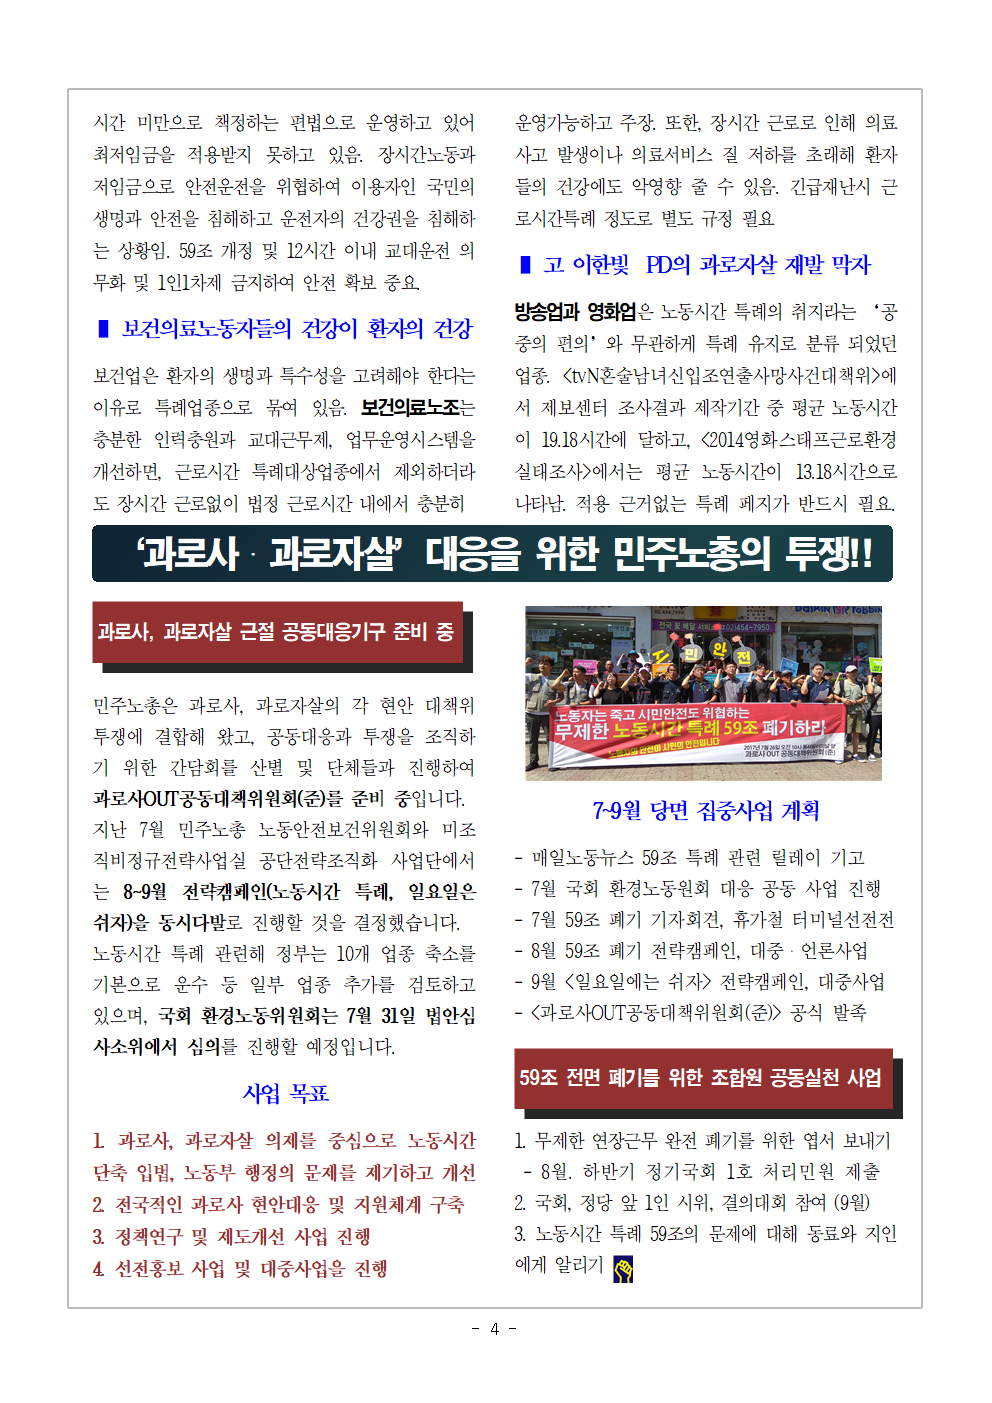 [2017교육지-7] 근기법 59조 폐기004.png